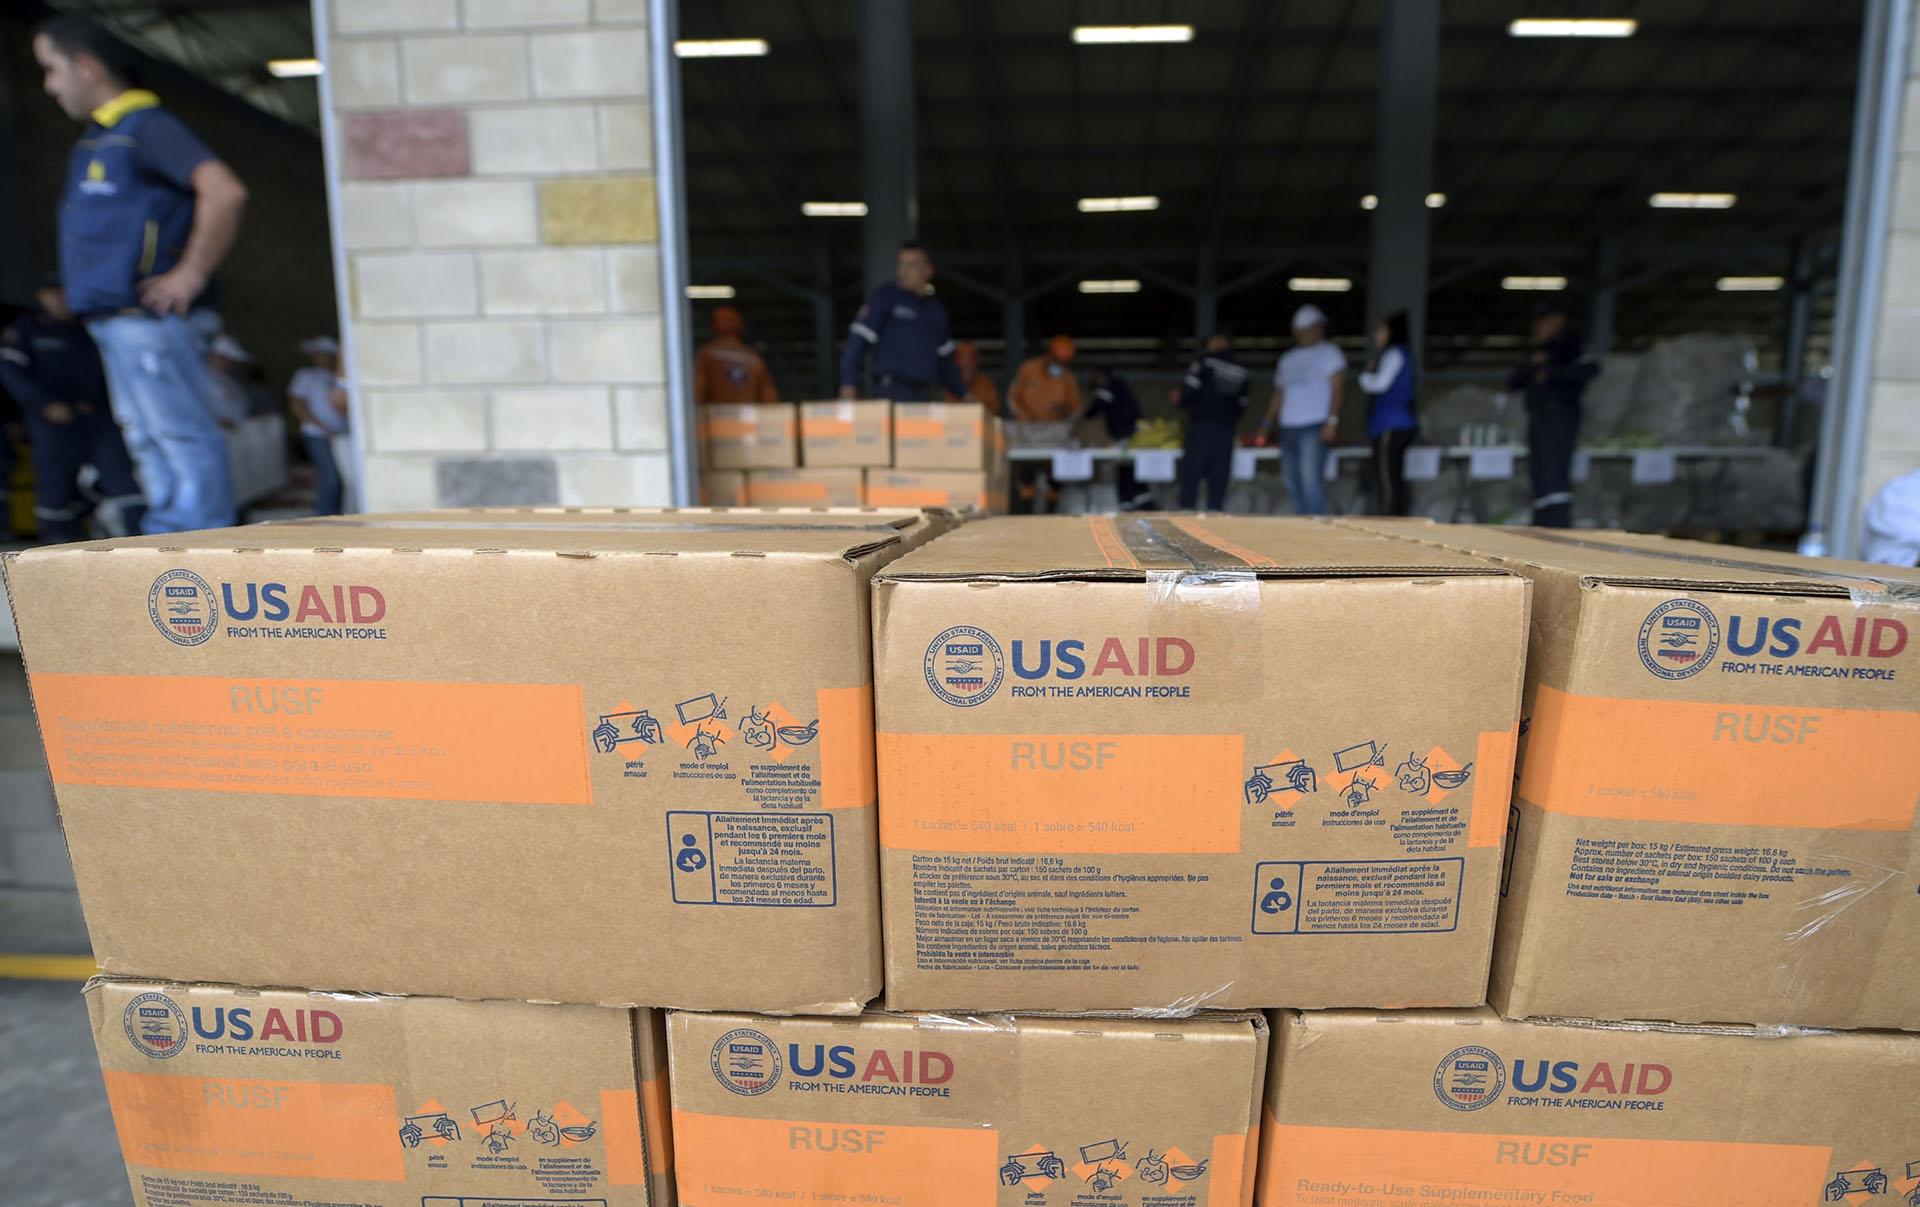 Colombia ha recibido a más de un millón de migrantes venezolanos en los últimos años